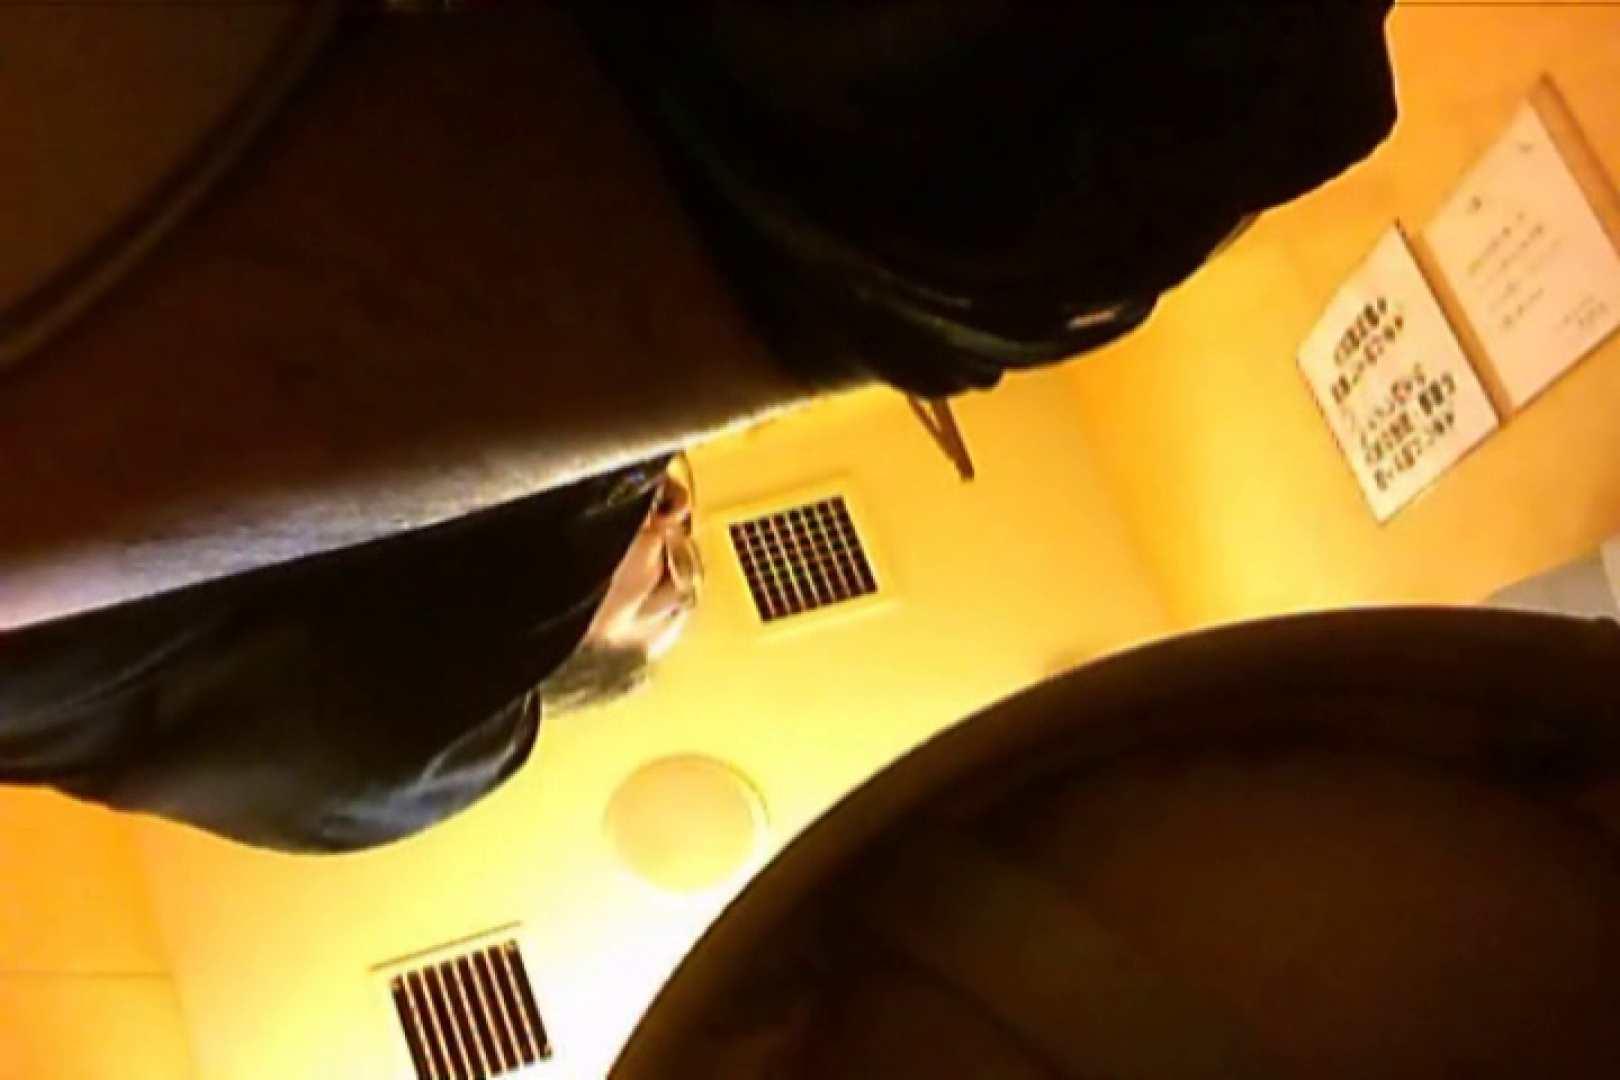 SEASON 2ND!掴み取りさんの洗面所覗き!in新幹線!VOL.04 完全無修正でお届け   ノンケボーイズ  64pic 44